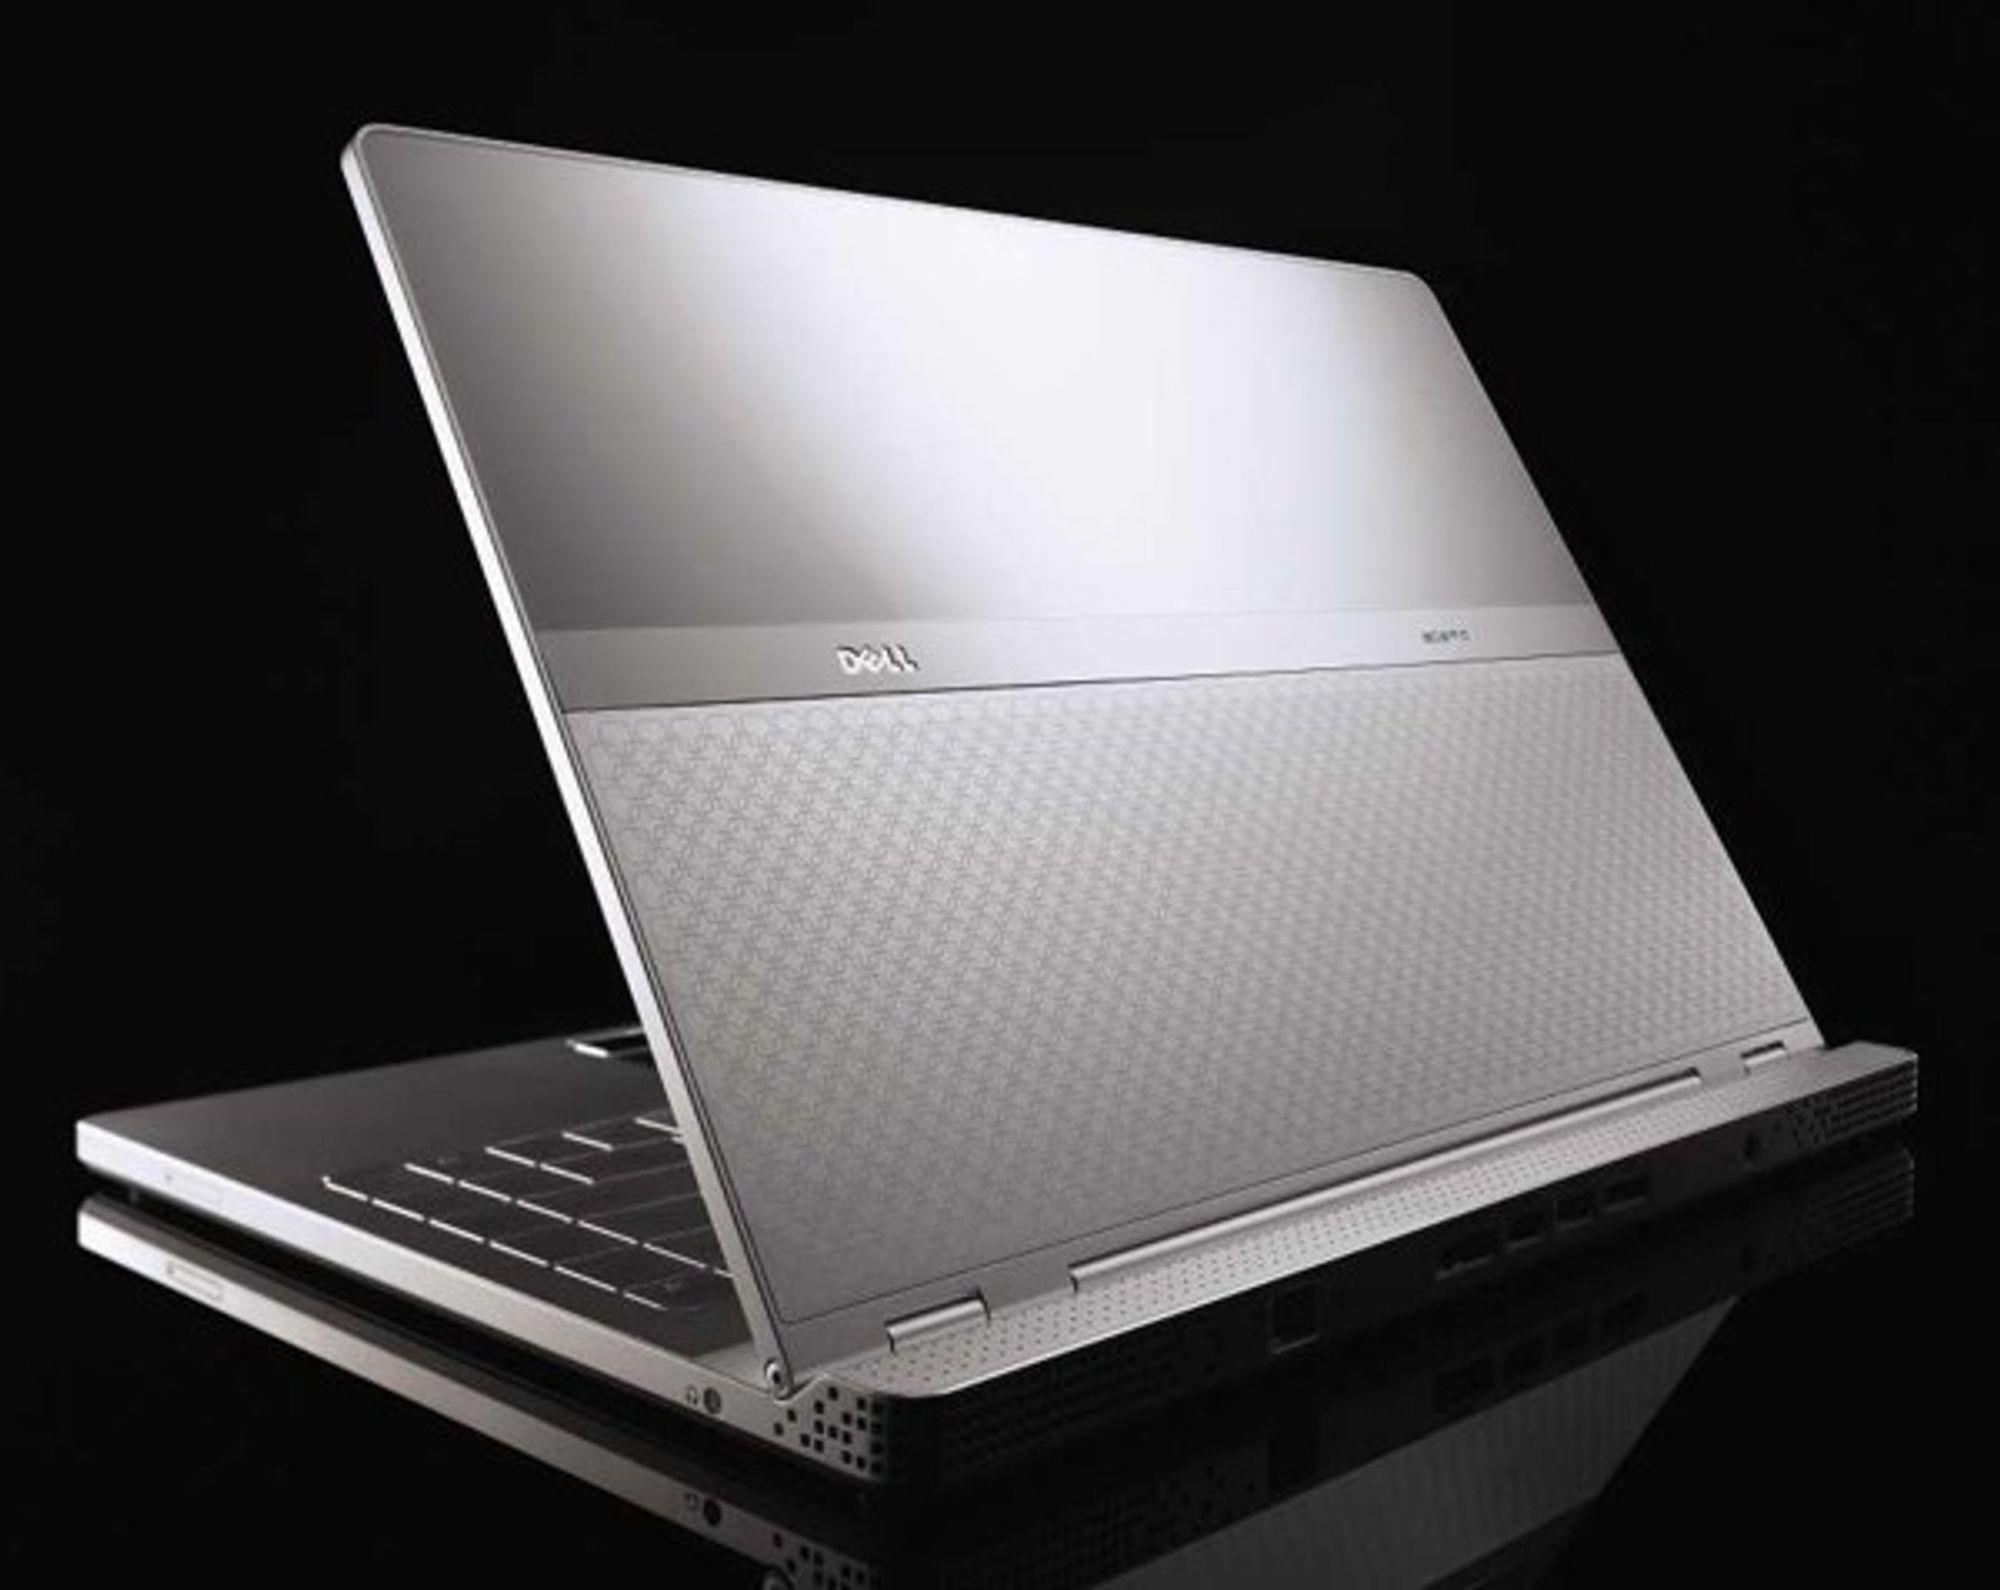 Dells Adamo er tynnere enn Macbook Air, men veier litt mer. Den koster imidlertid flesk.